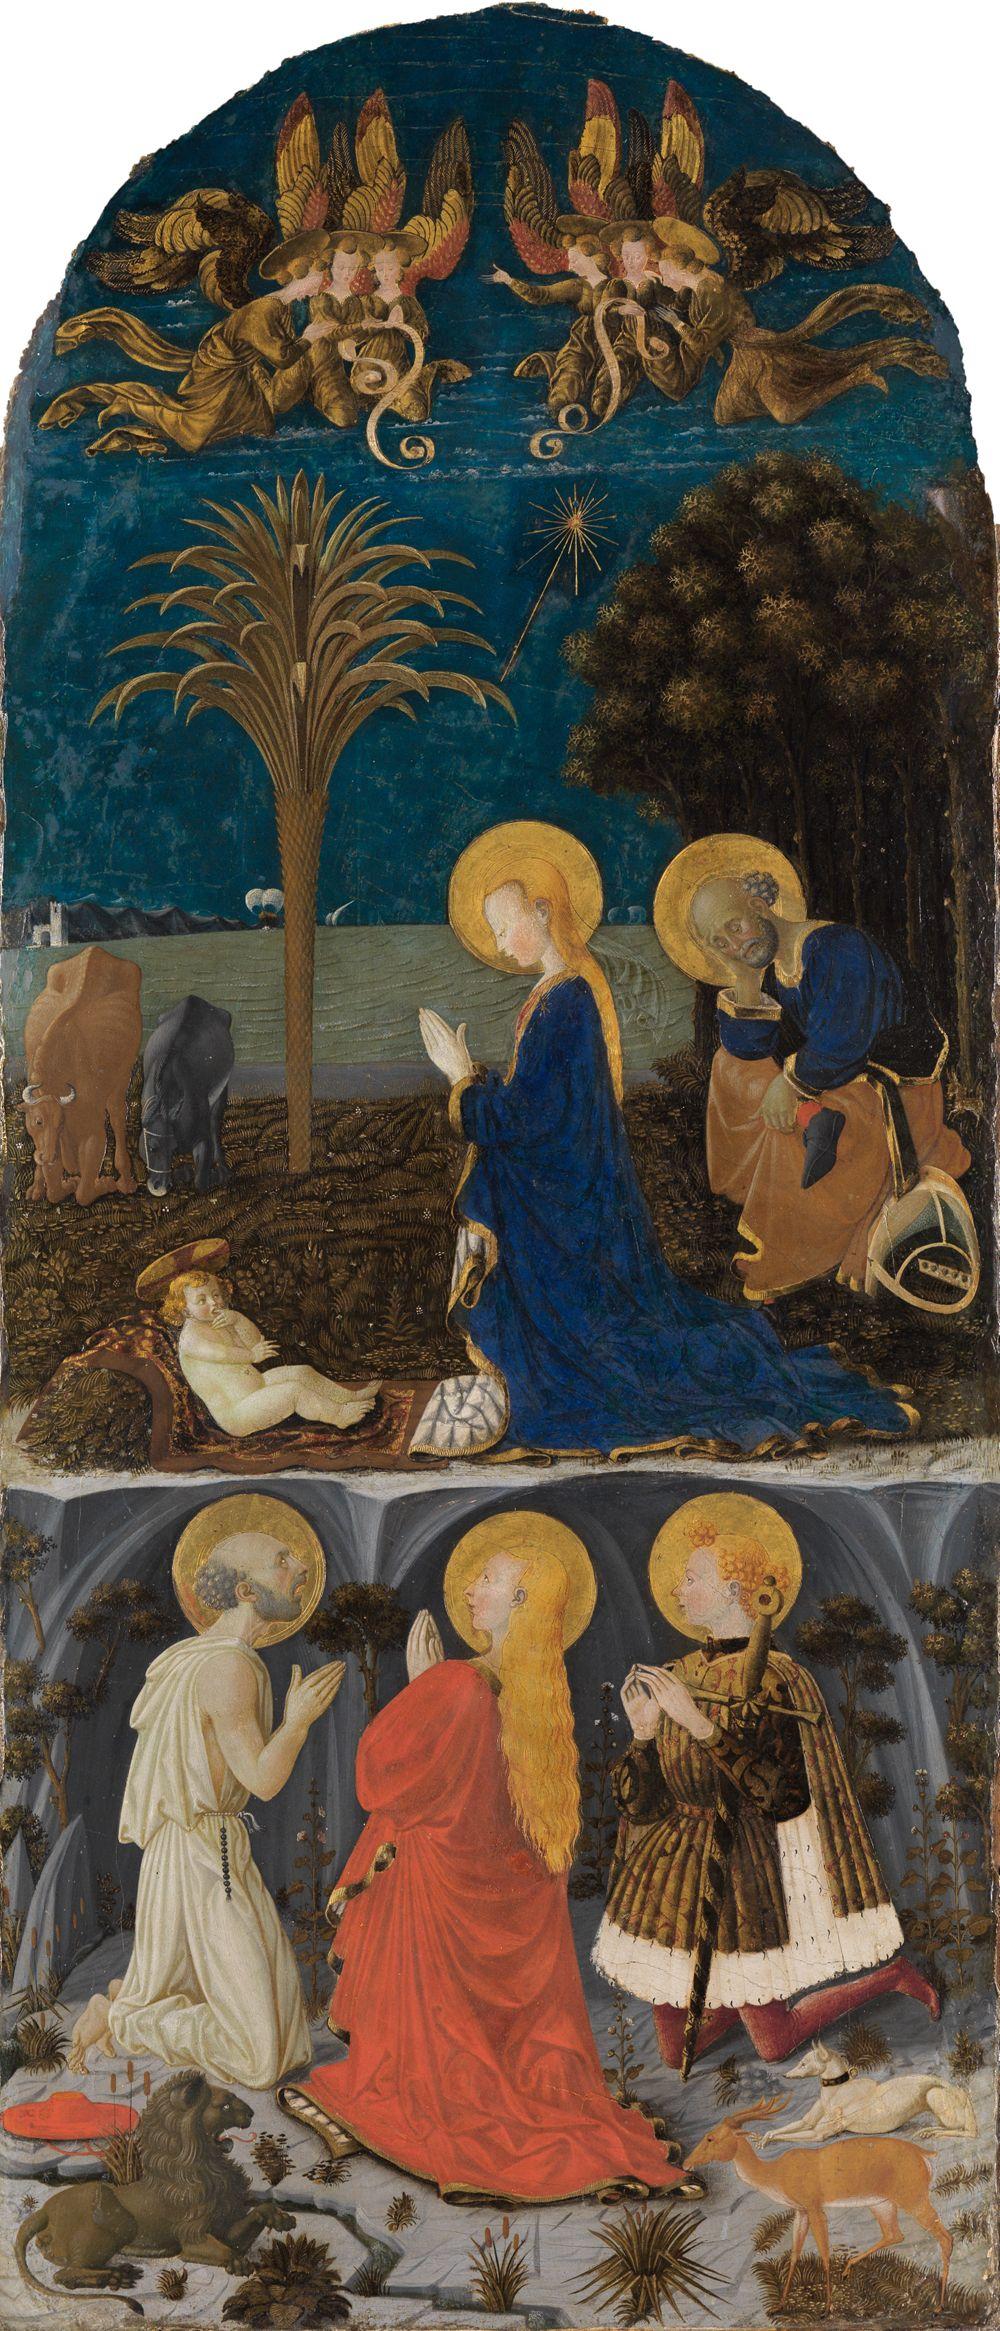 Anbetung des Kindes vor nächtlicher Landschaft mit den Heiligen Hieronymus, Magdalena und Eustachius